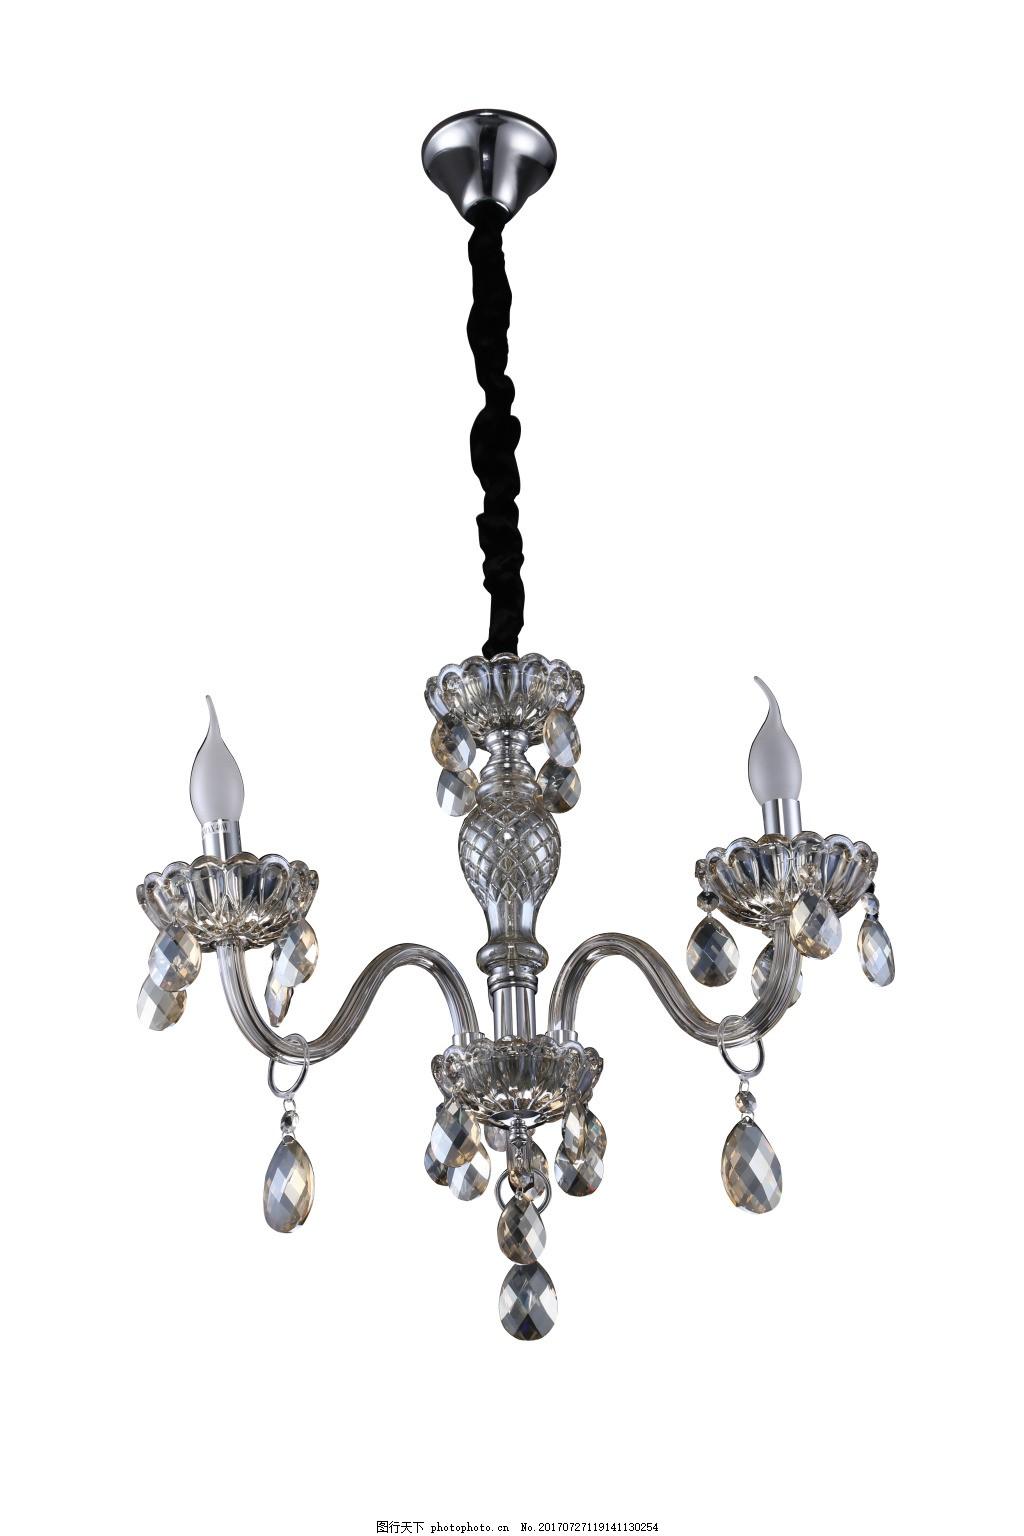 烟灰色水晶灯免抠素材 水晶灯 k9水晶 烟灰色 欧式 简约 家装 高清